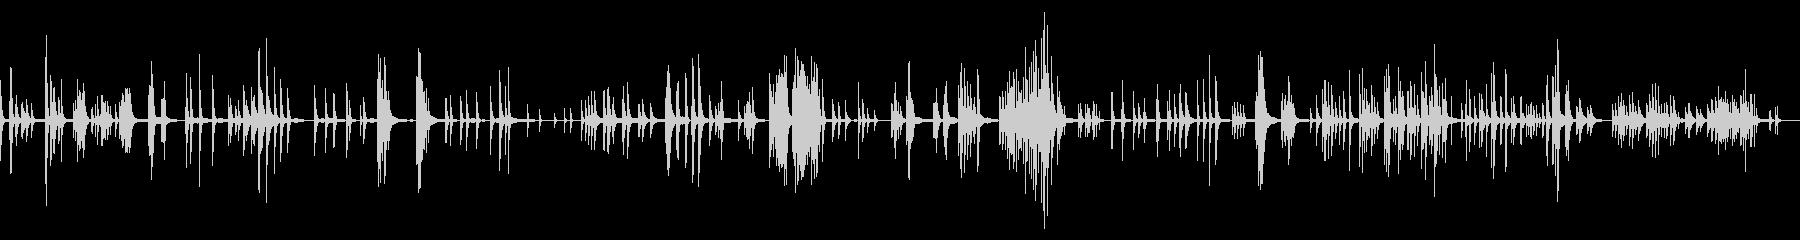 空間デザイン/ピアノの無機質で静かの未再生の波形